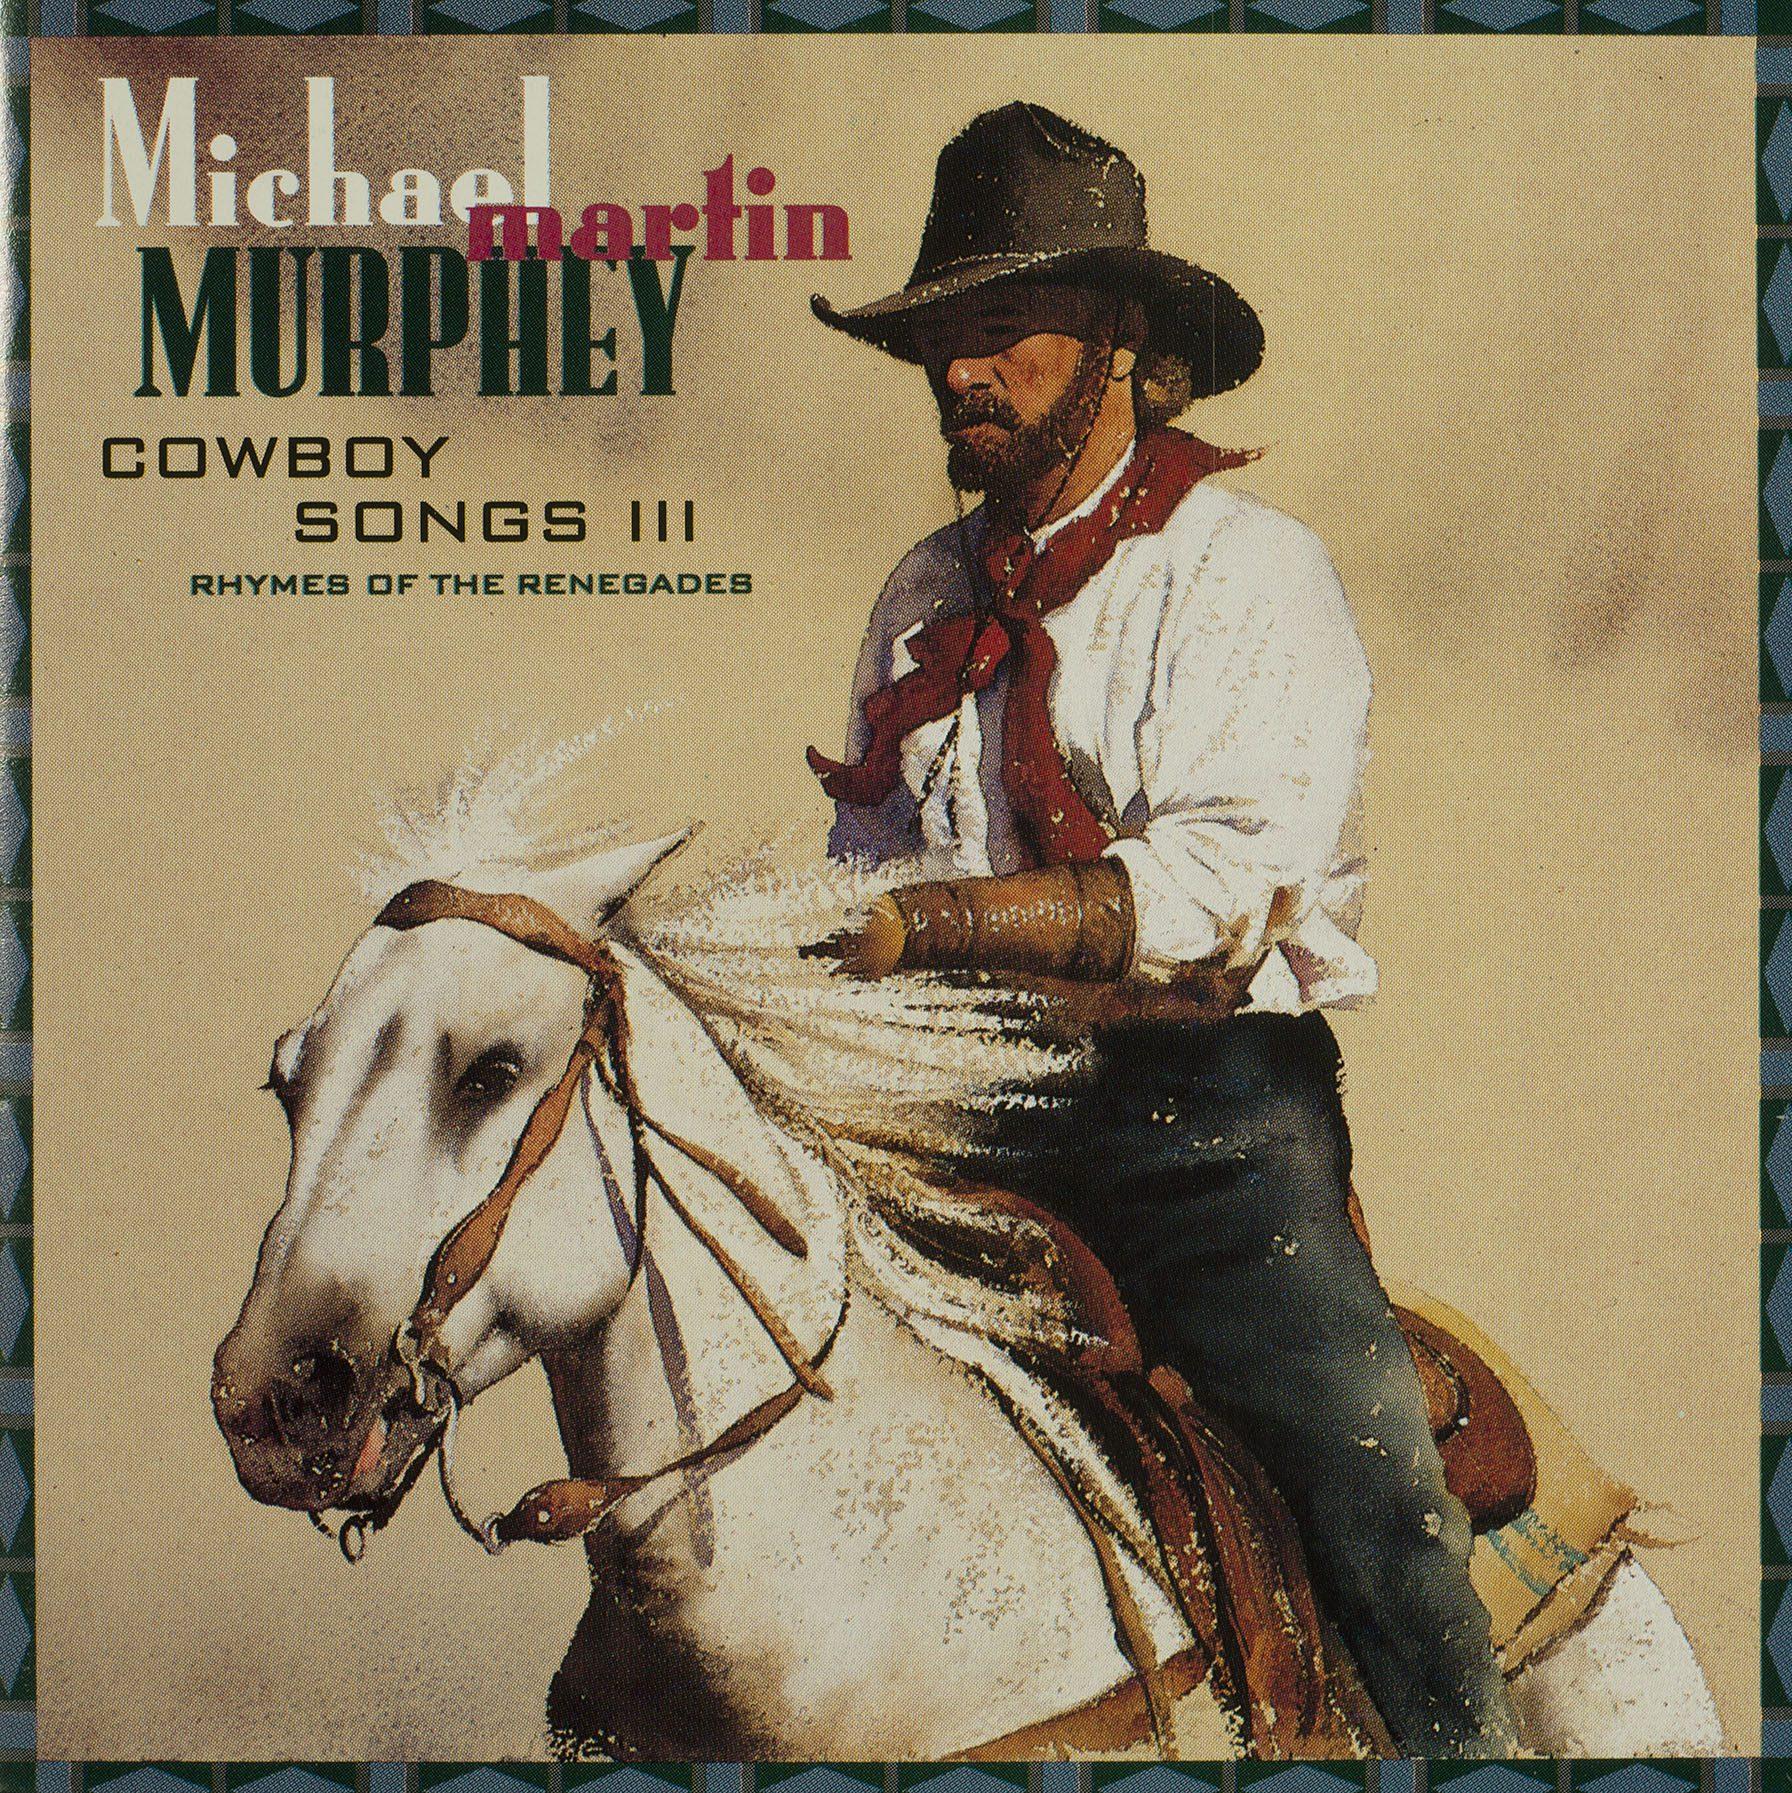 Cowboy Songs III